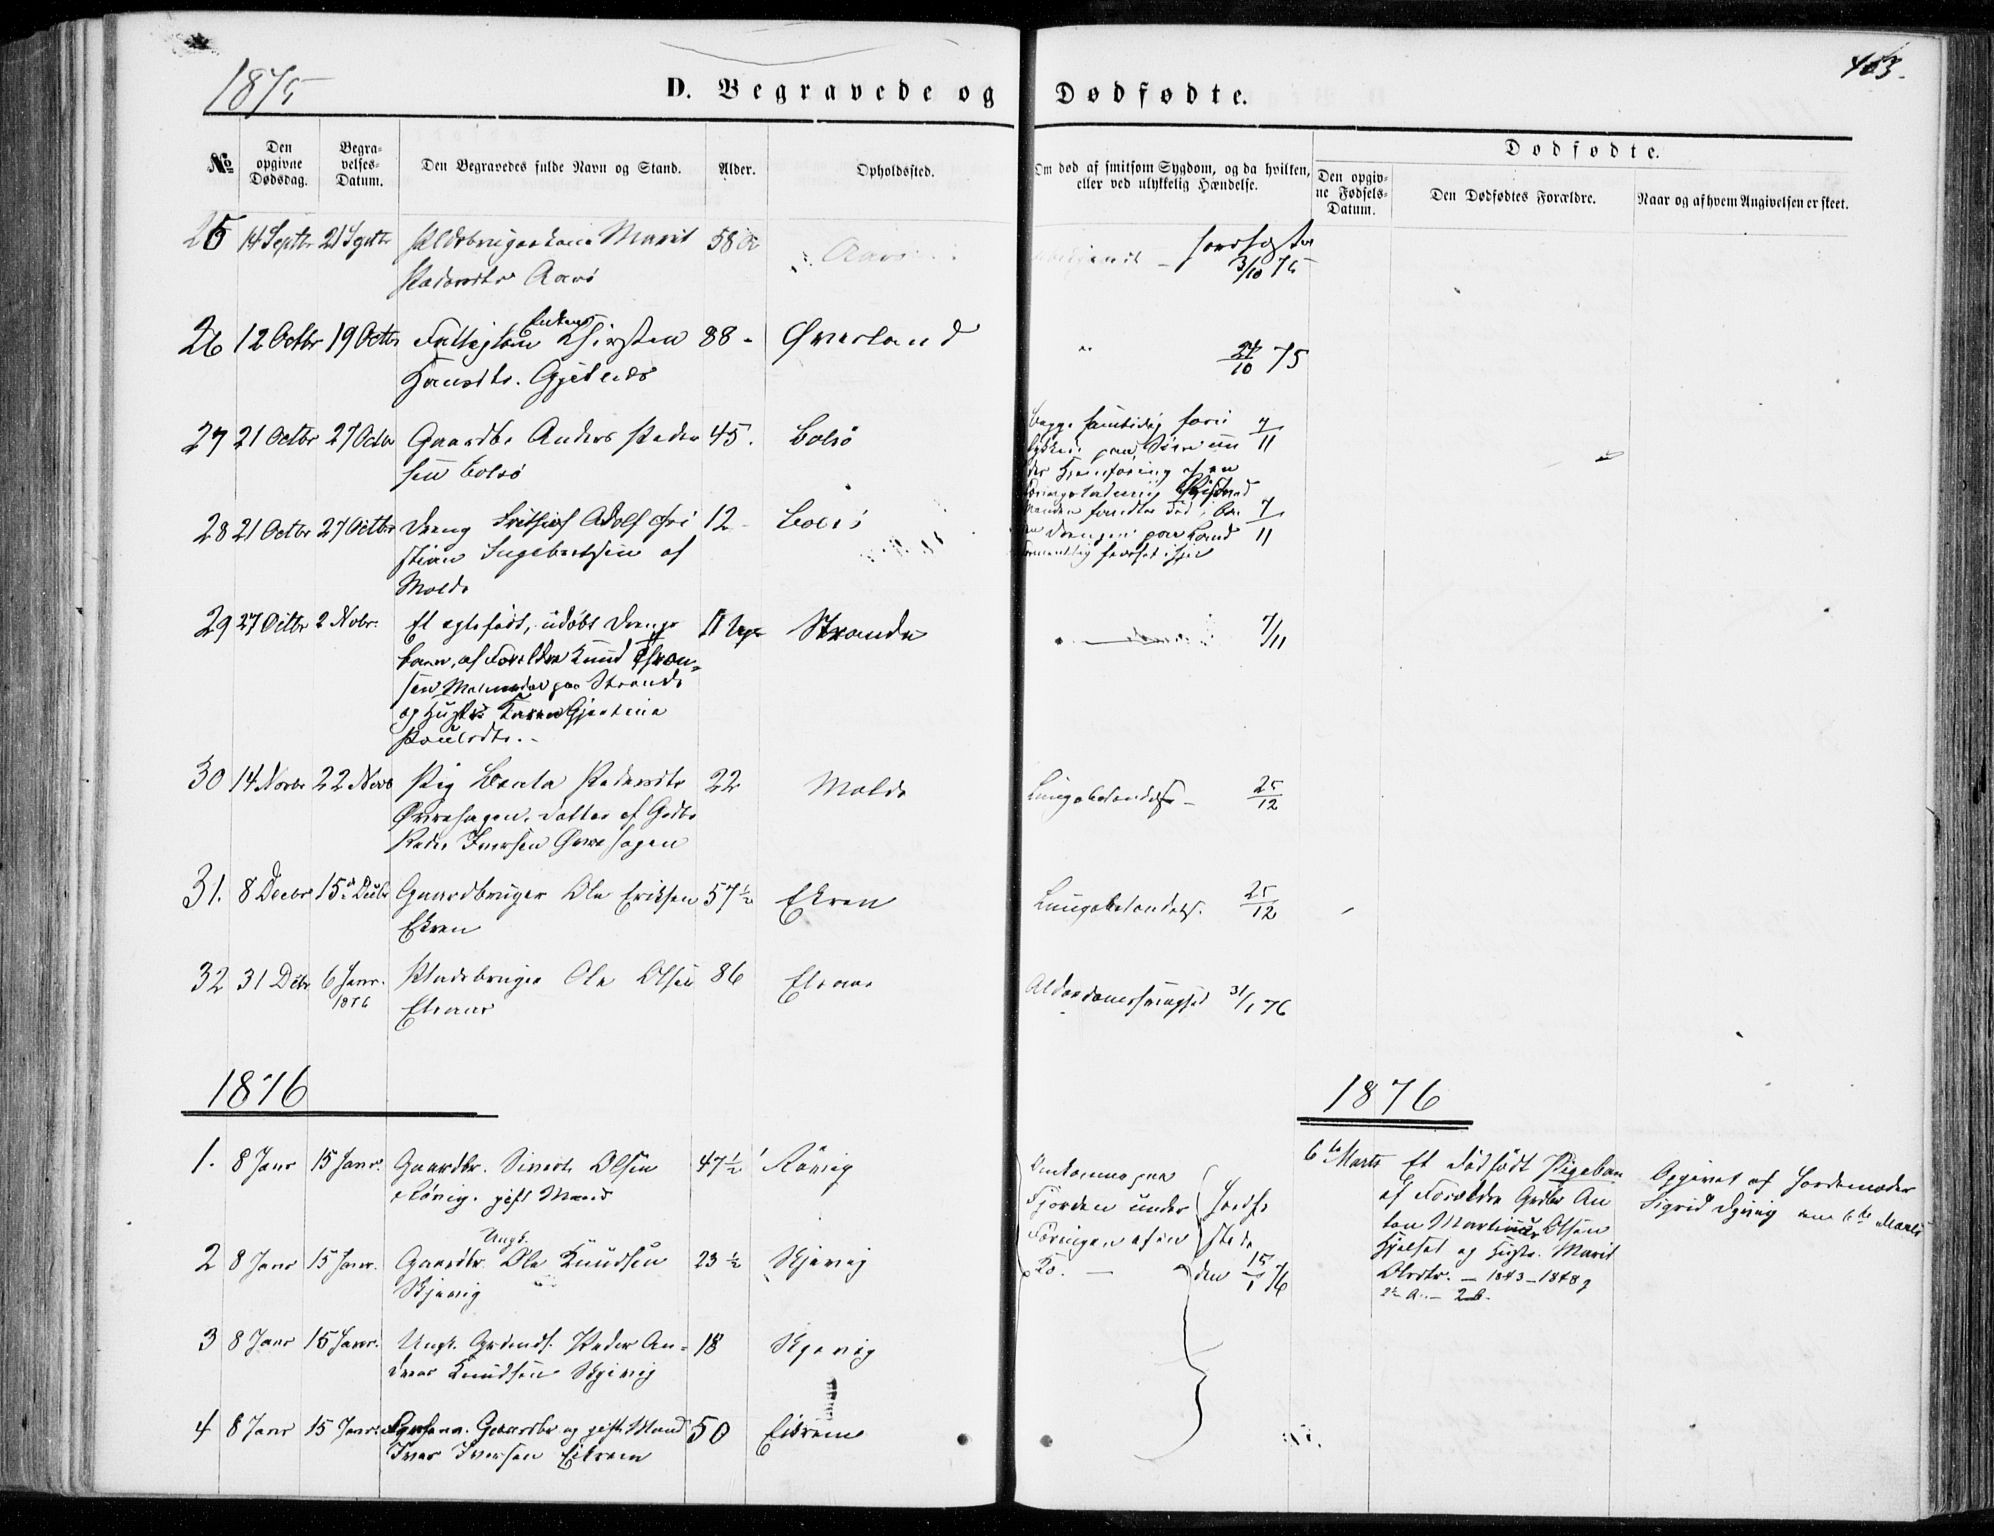 SAT, Ministerialprotokoller, klokkerbøker og fødselsregistre - Møre og Romsdal, 555/L0655: Parish register (official) no. 555A05, 1869-1886, p. 403